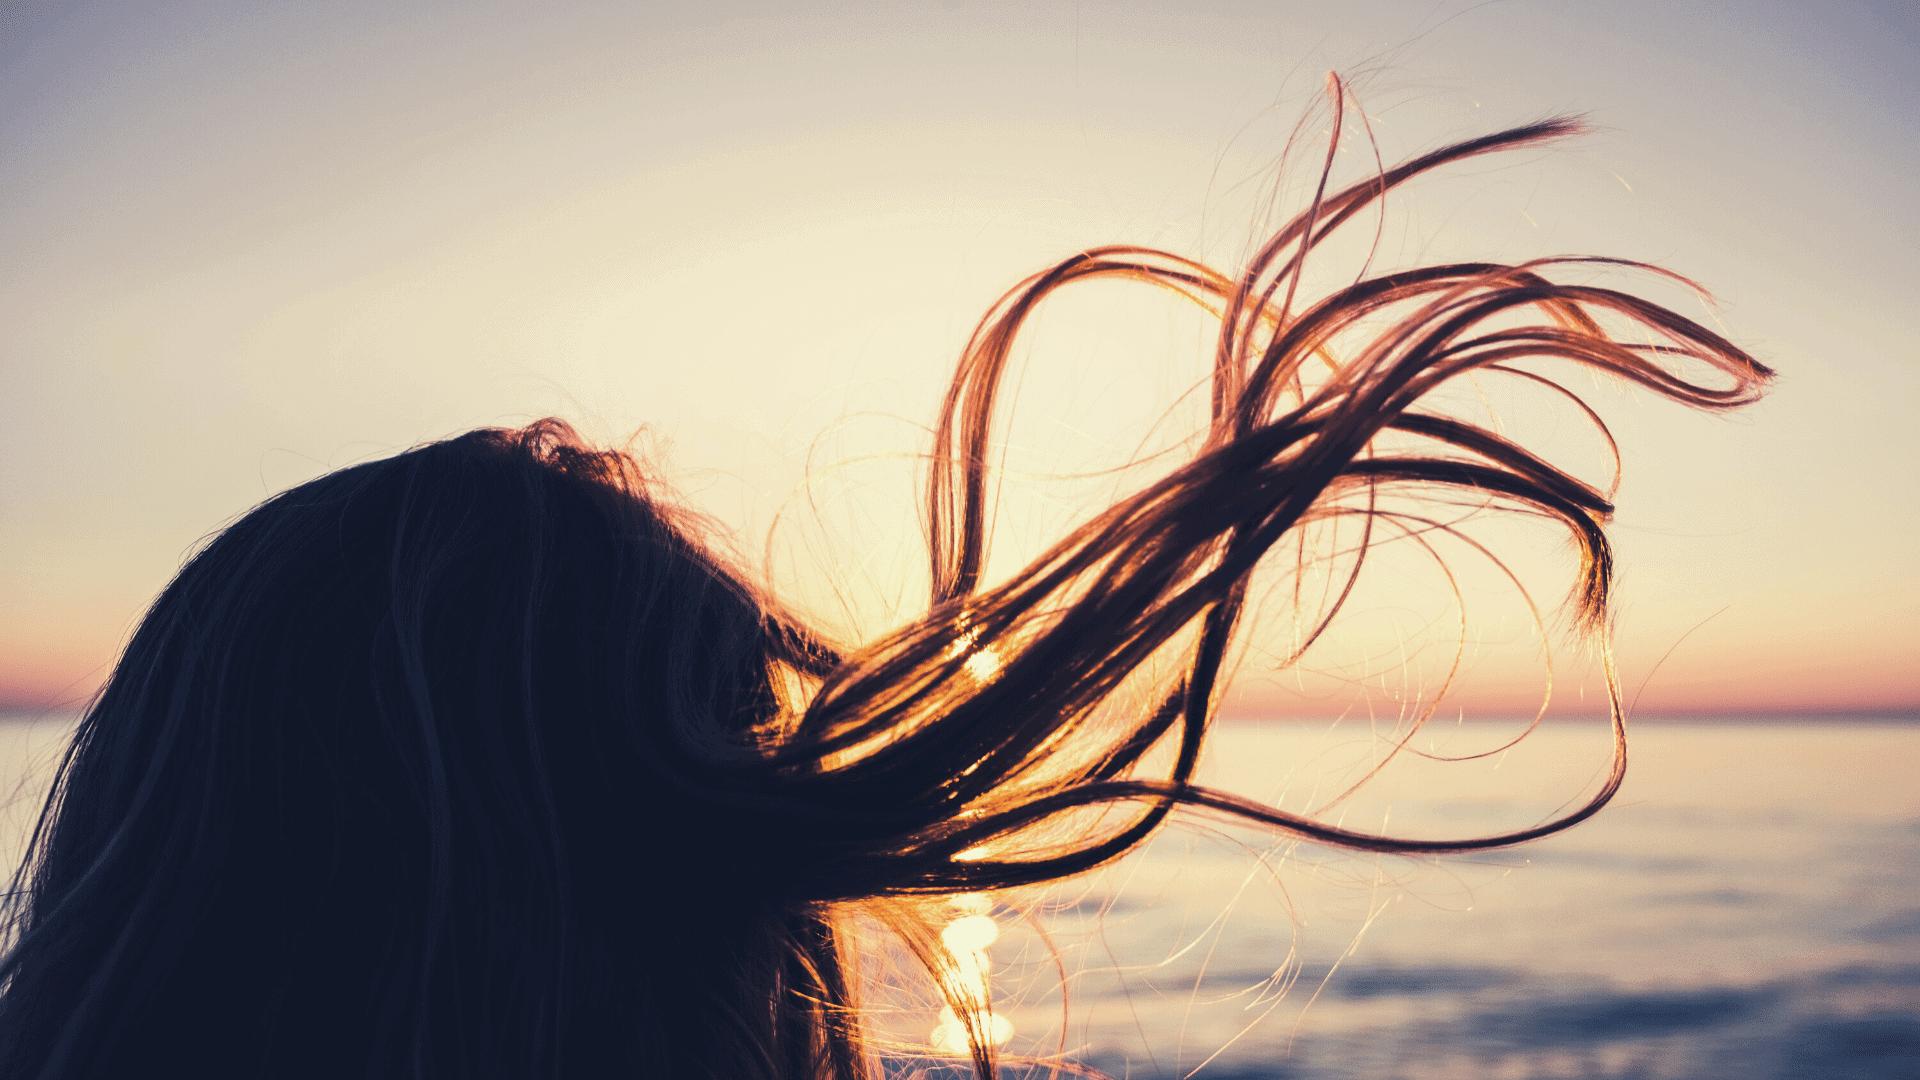 cheveux dans le vent, avancer le vent dans la face